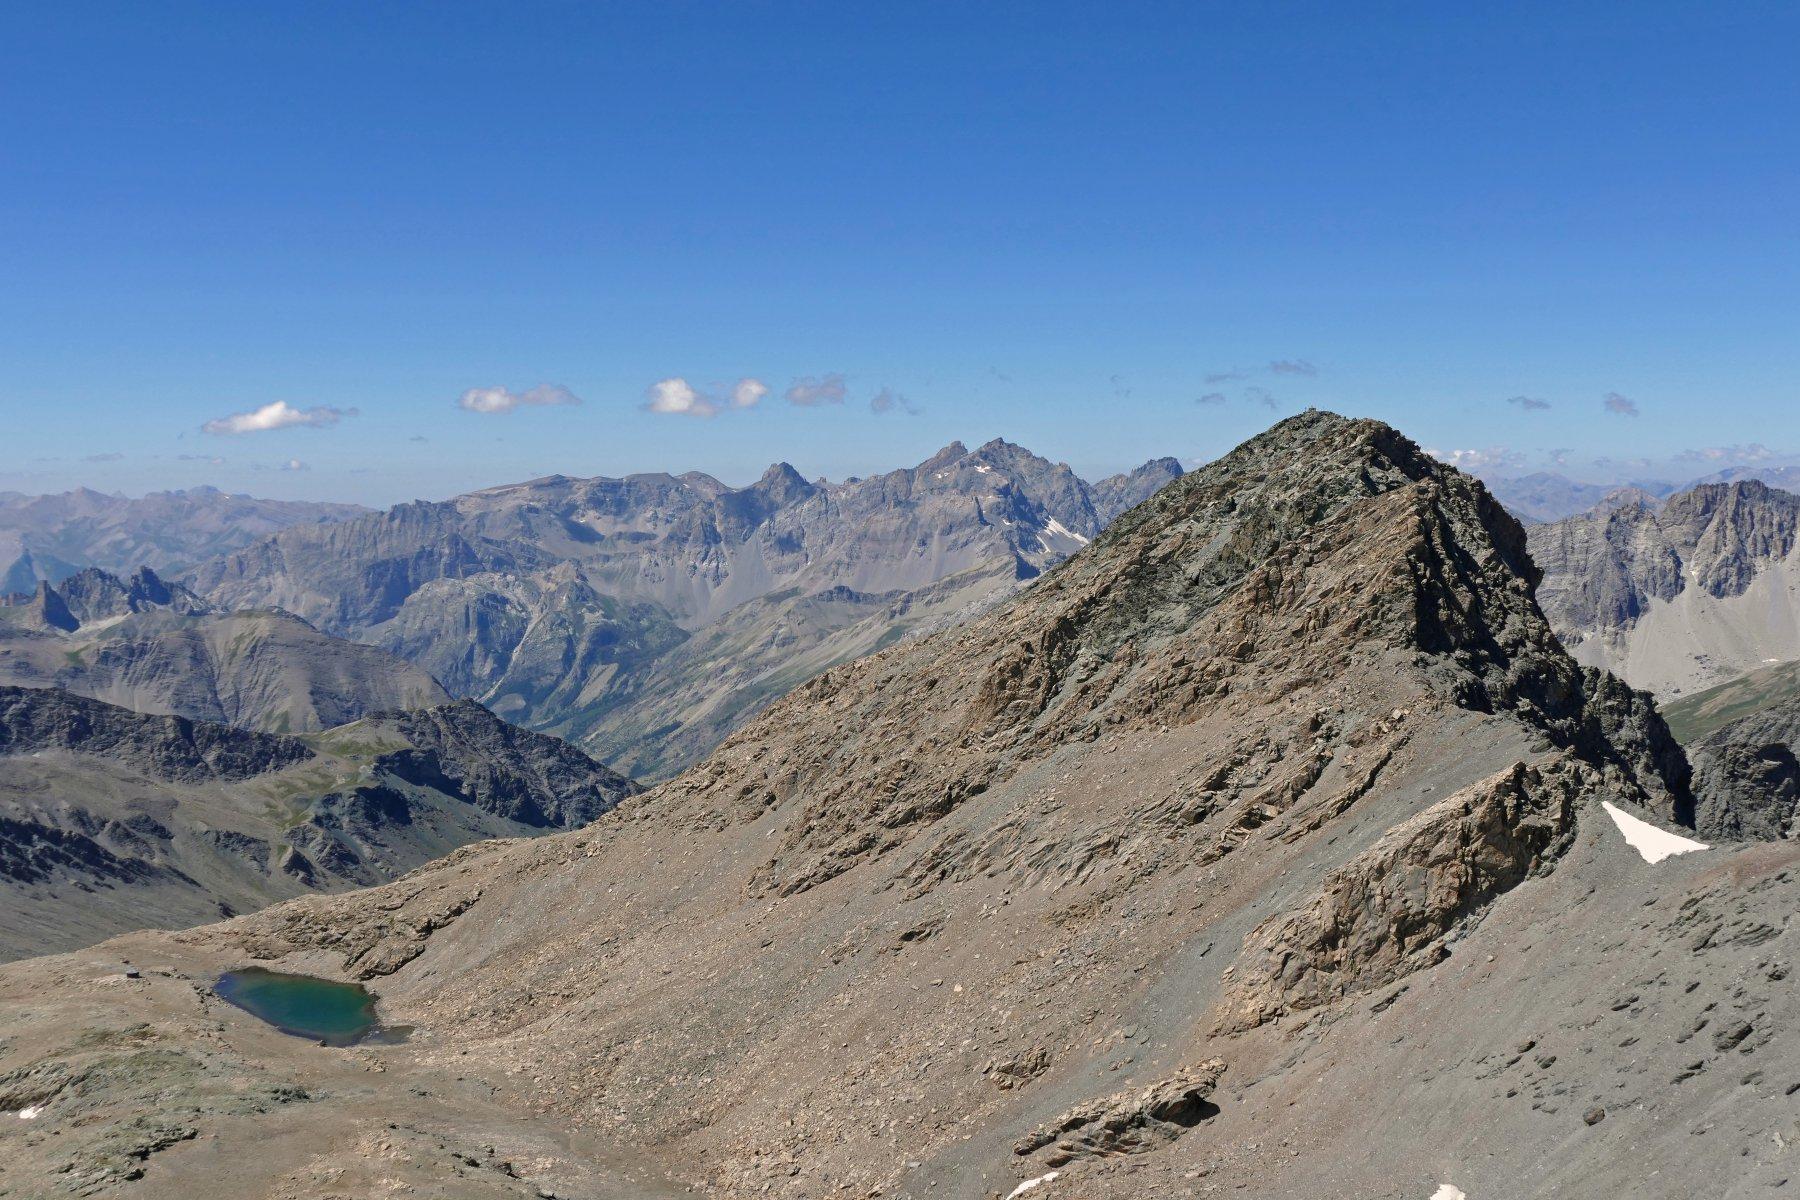 Il bivacco, il lago e il Mongioia 3340 metri, visti dalla vetta del Salza